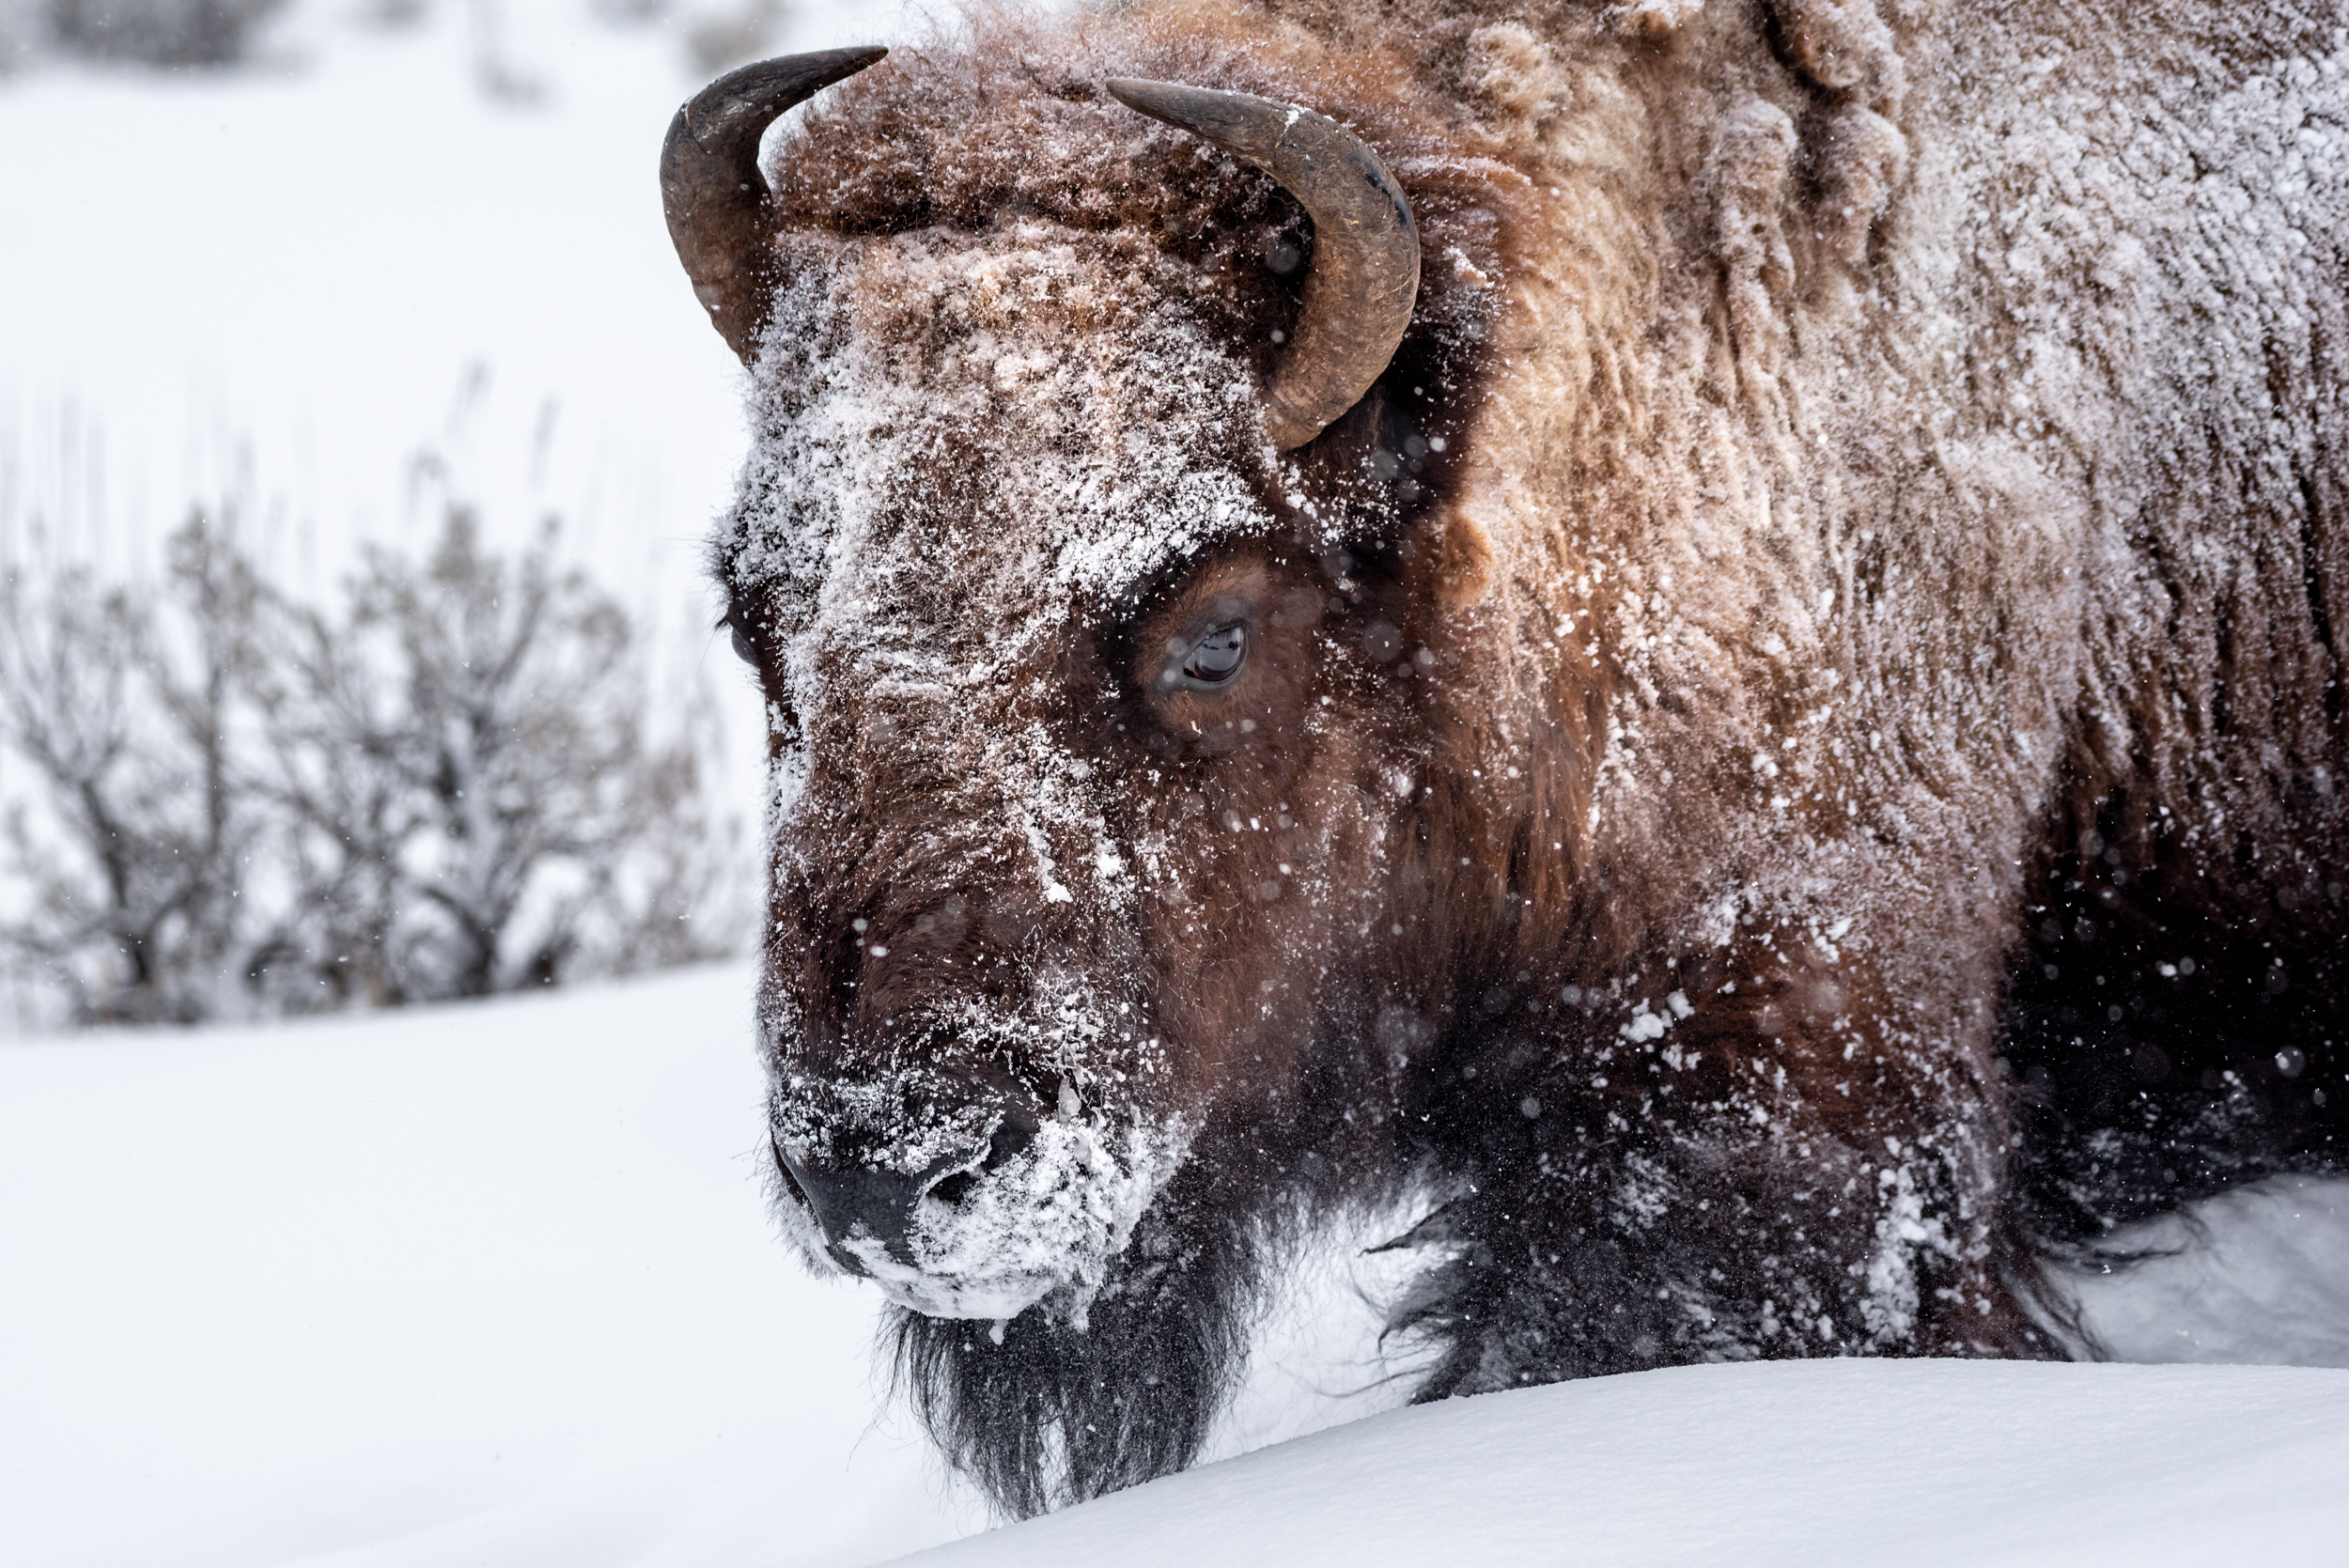 Snowy Bison Portrait